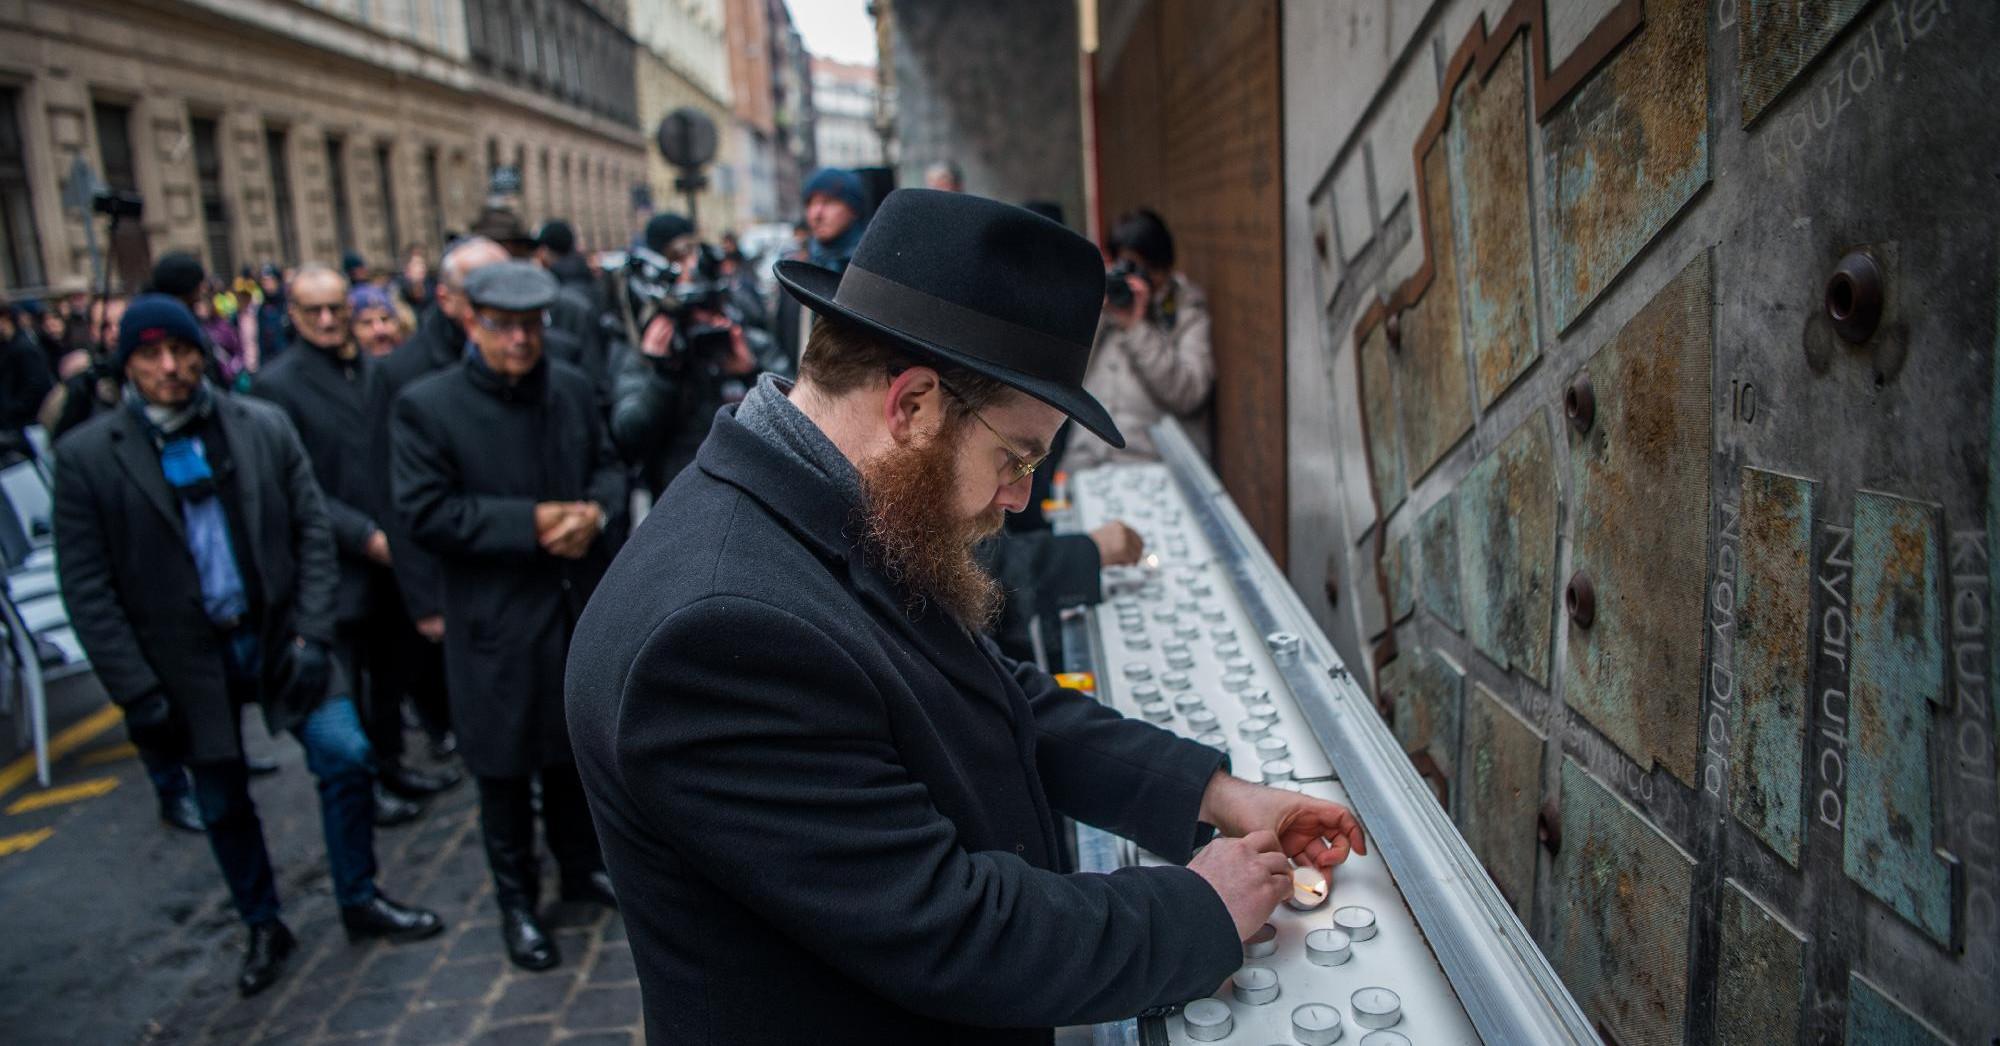 Rendkívüli – Jeruzsálemi vallási bíróság: A magyar állam függessze fel az örökjáradék folyósítását!